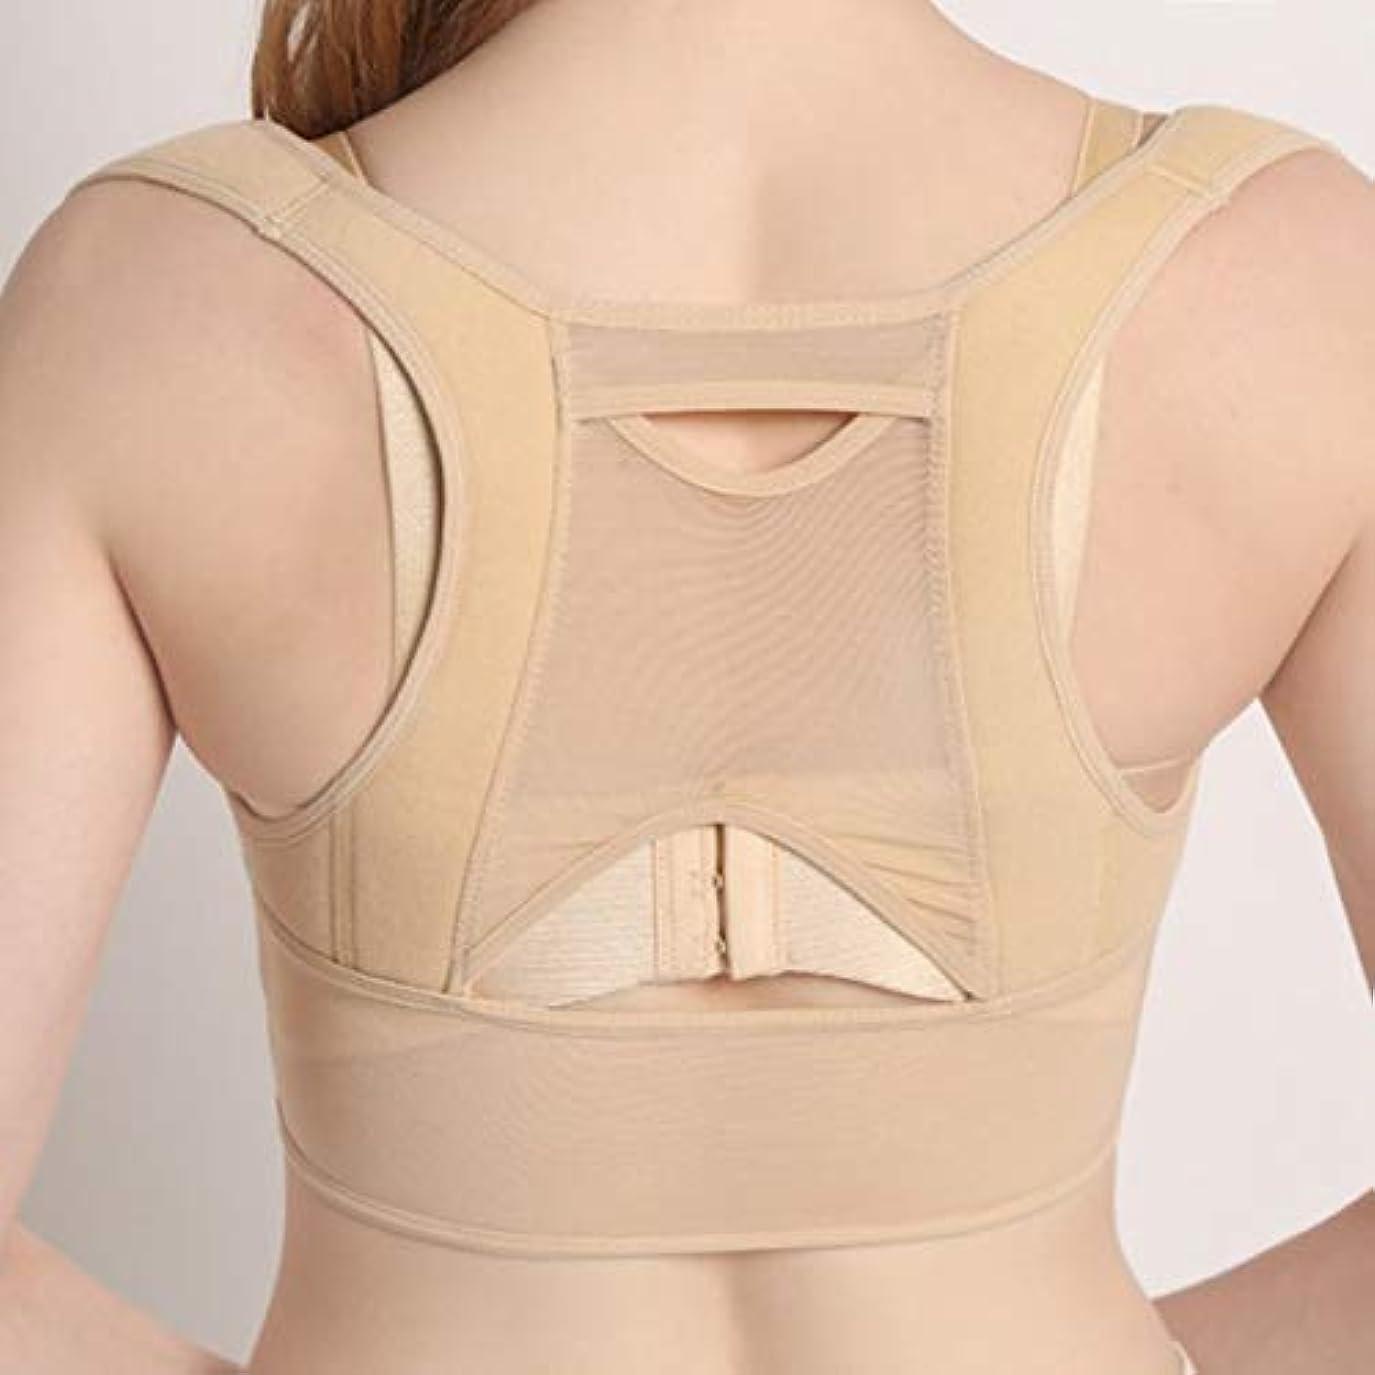 畝間禁止する設計図通気性のある女性バック姿勢矯正コルセット整形外科用アッパーバックショルダー脊椎姿勢矯正腰椎サポート - ベージュホワイト